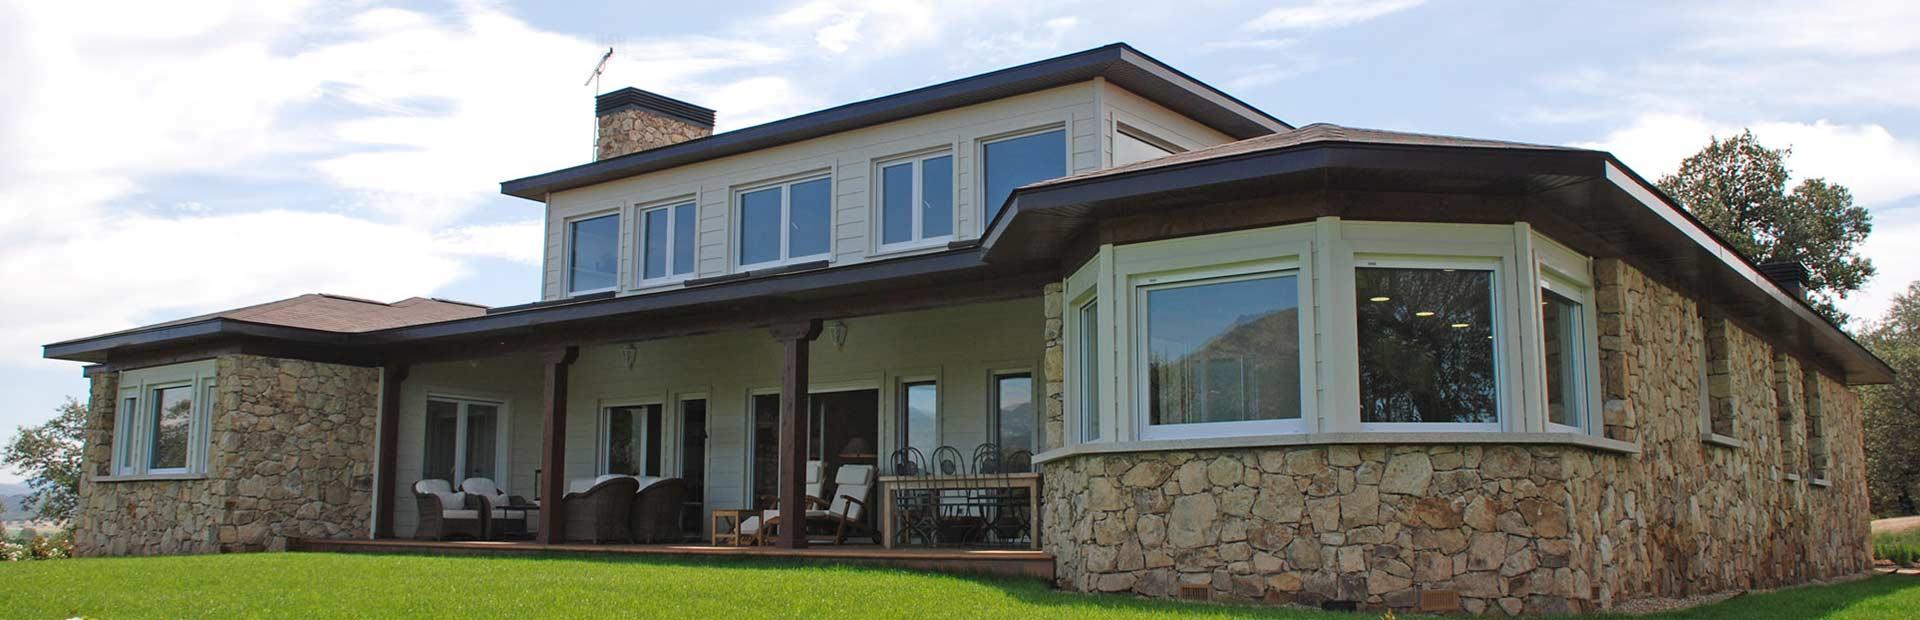 Bioconstrucci n c mo aplicarla a nuestra vivienda canexel - Casas prefabricadas canexel ...